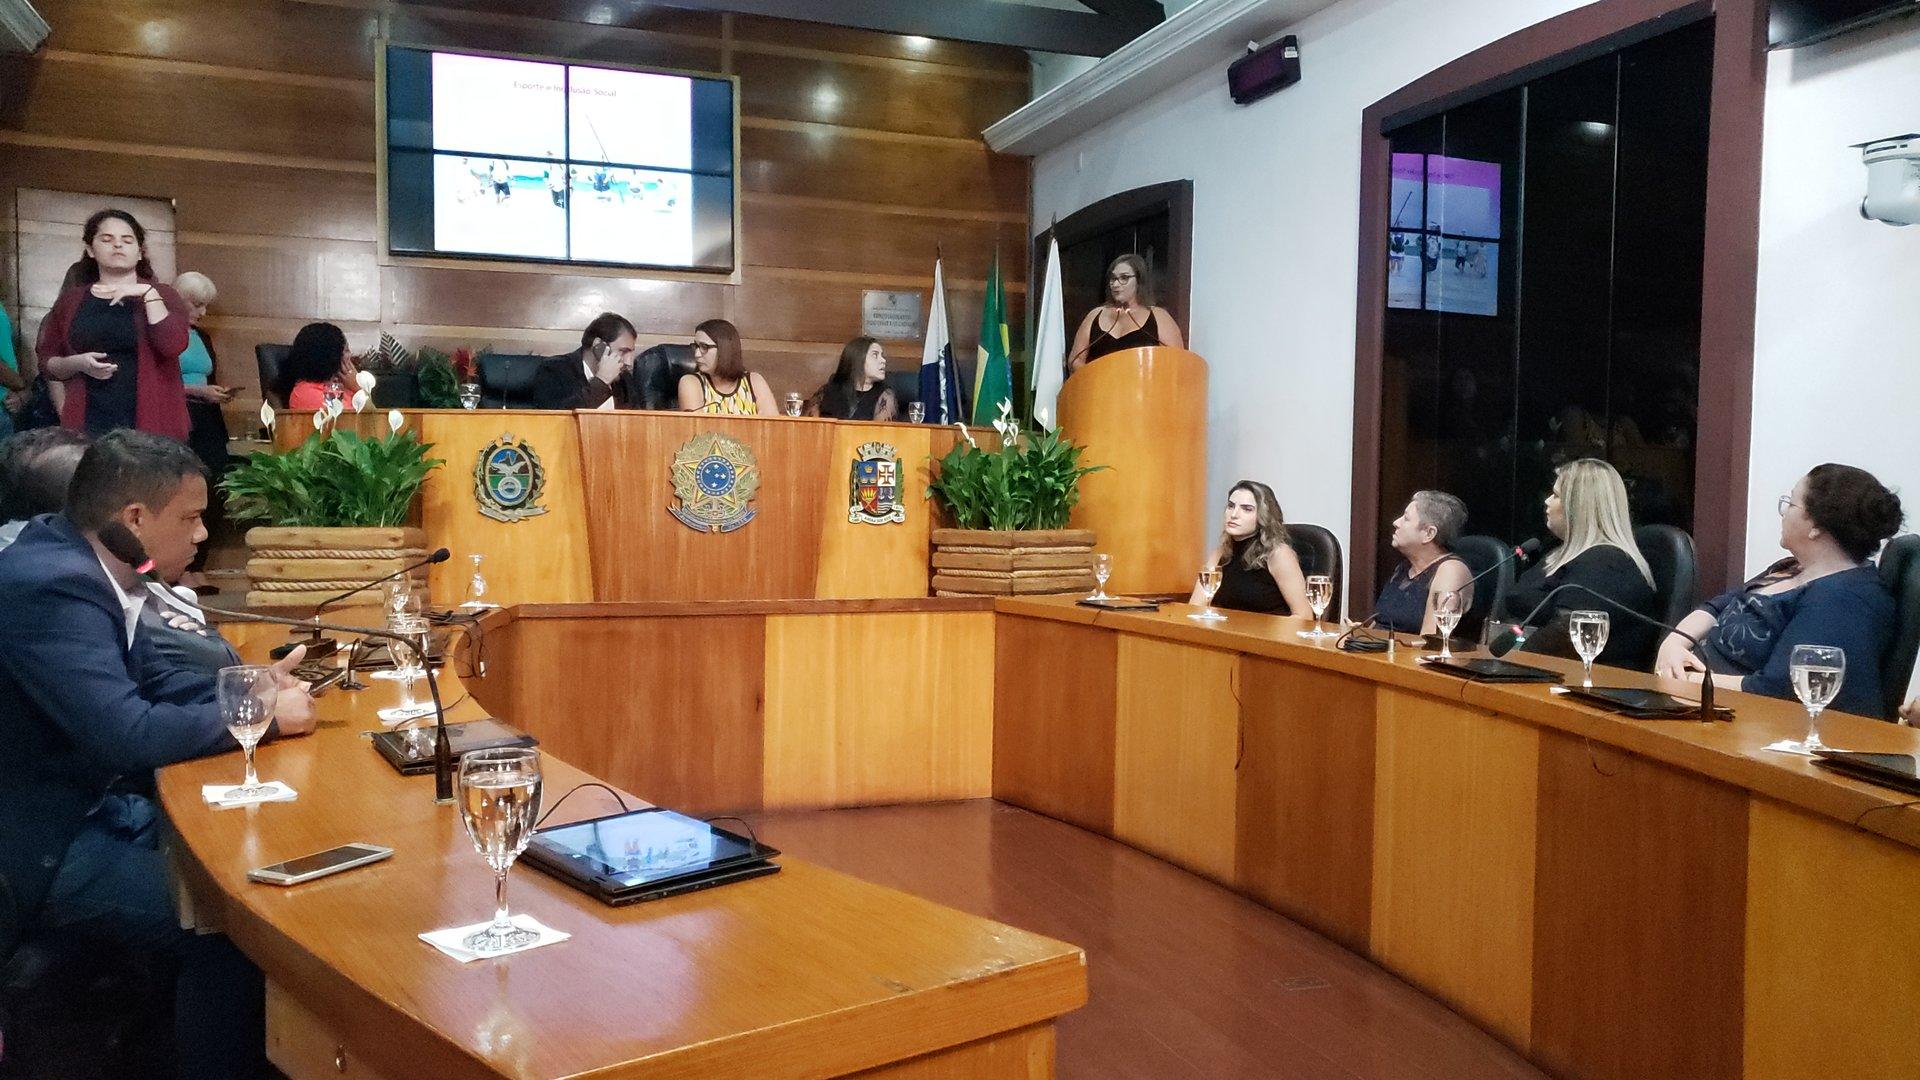 Sessão Solene Dia Internacional da Mulher -  200311 - 31 - Igor Abreu.jpg